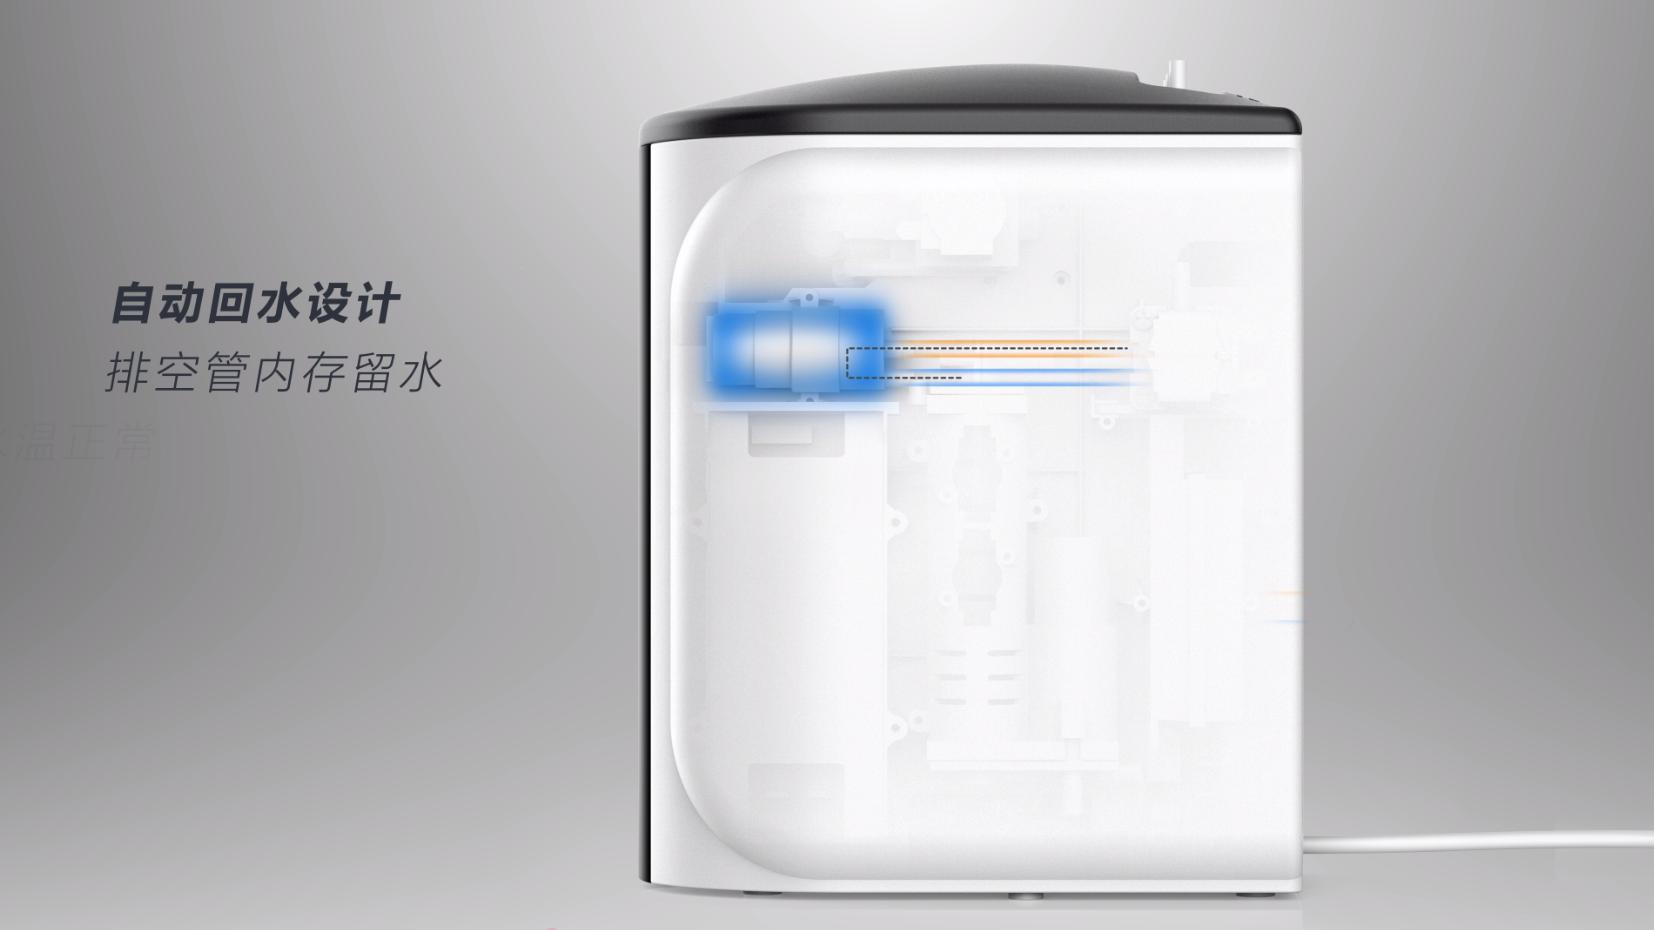 劳伦斯热饮机自动回水设计.png